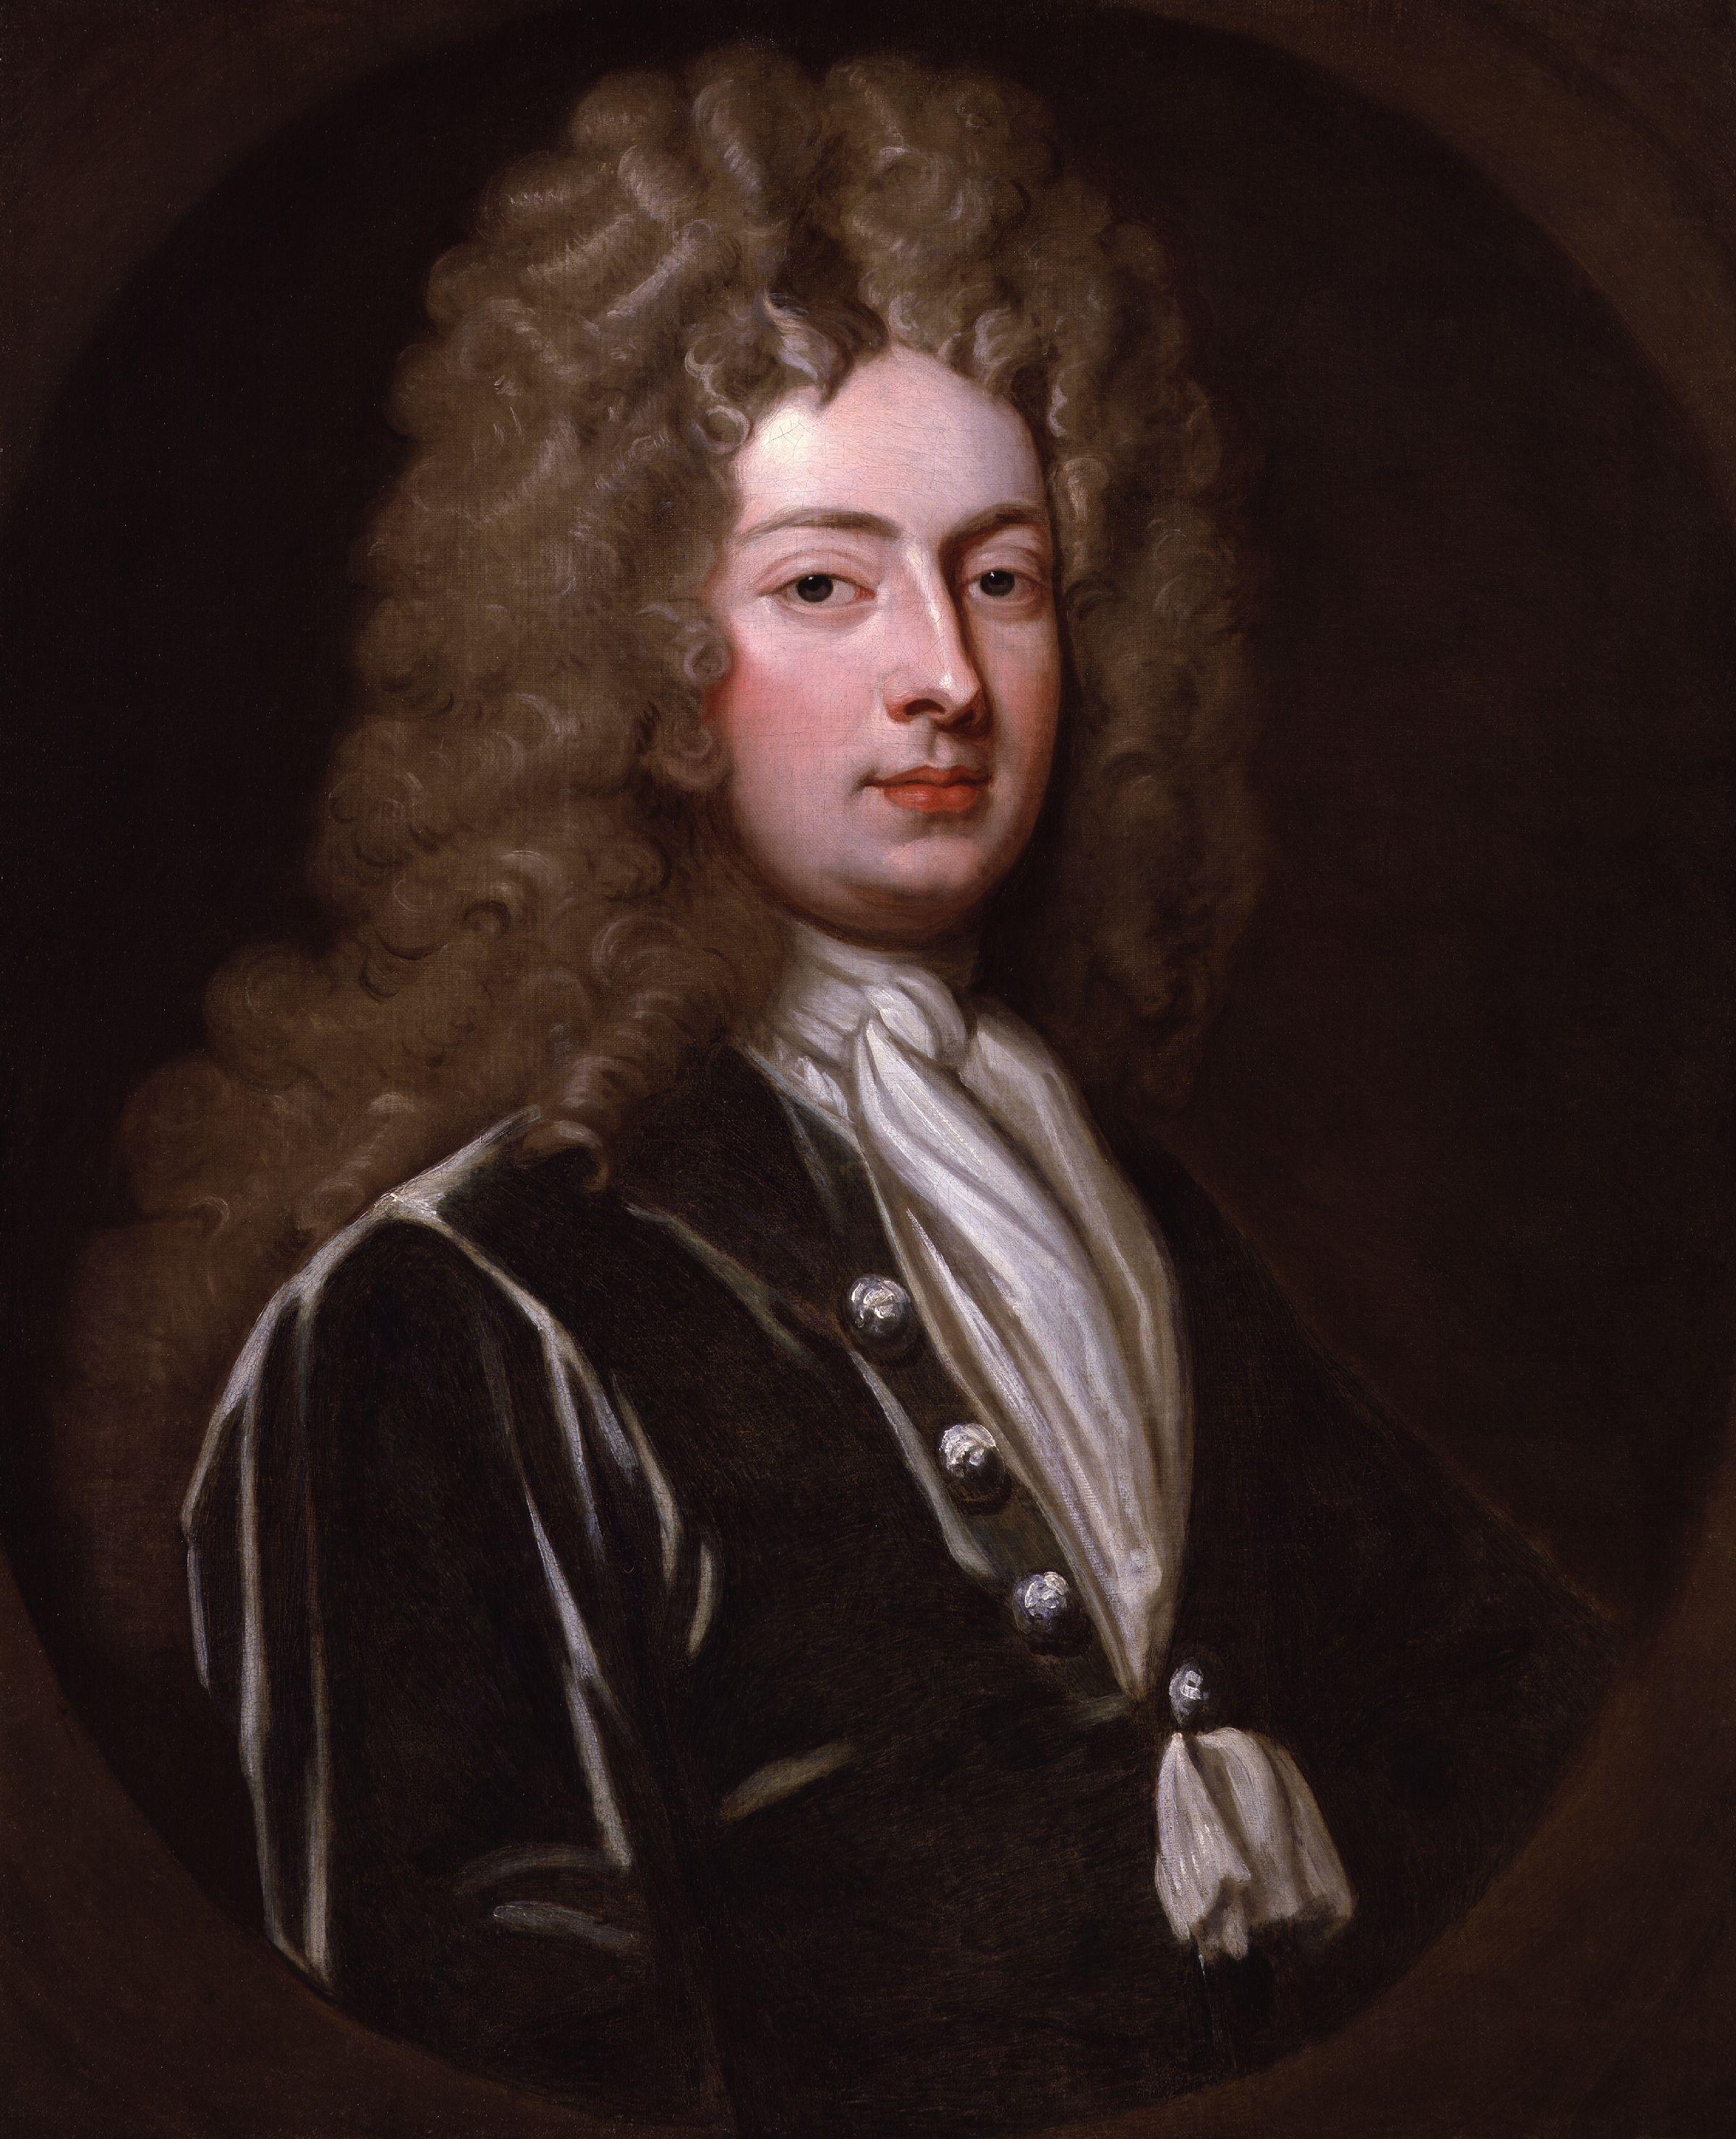 Photo of William Congreve